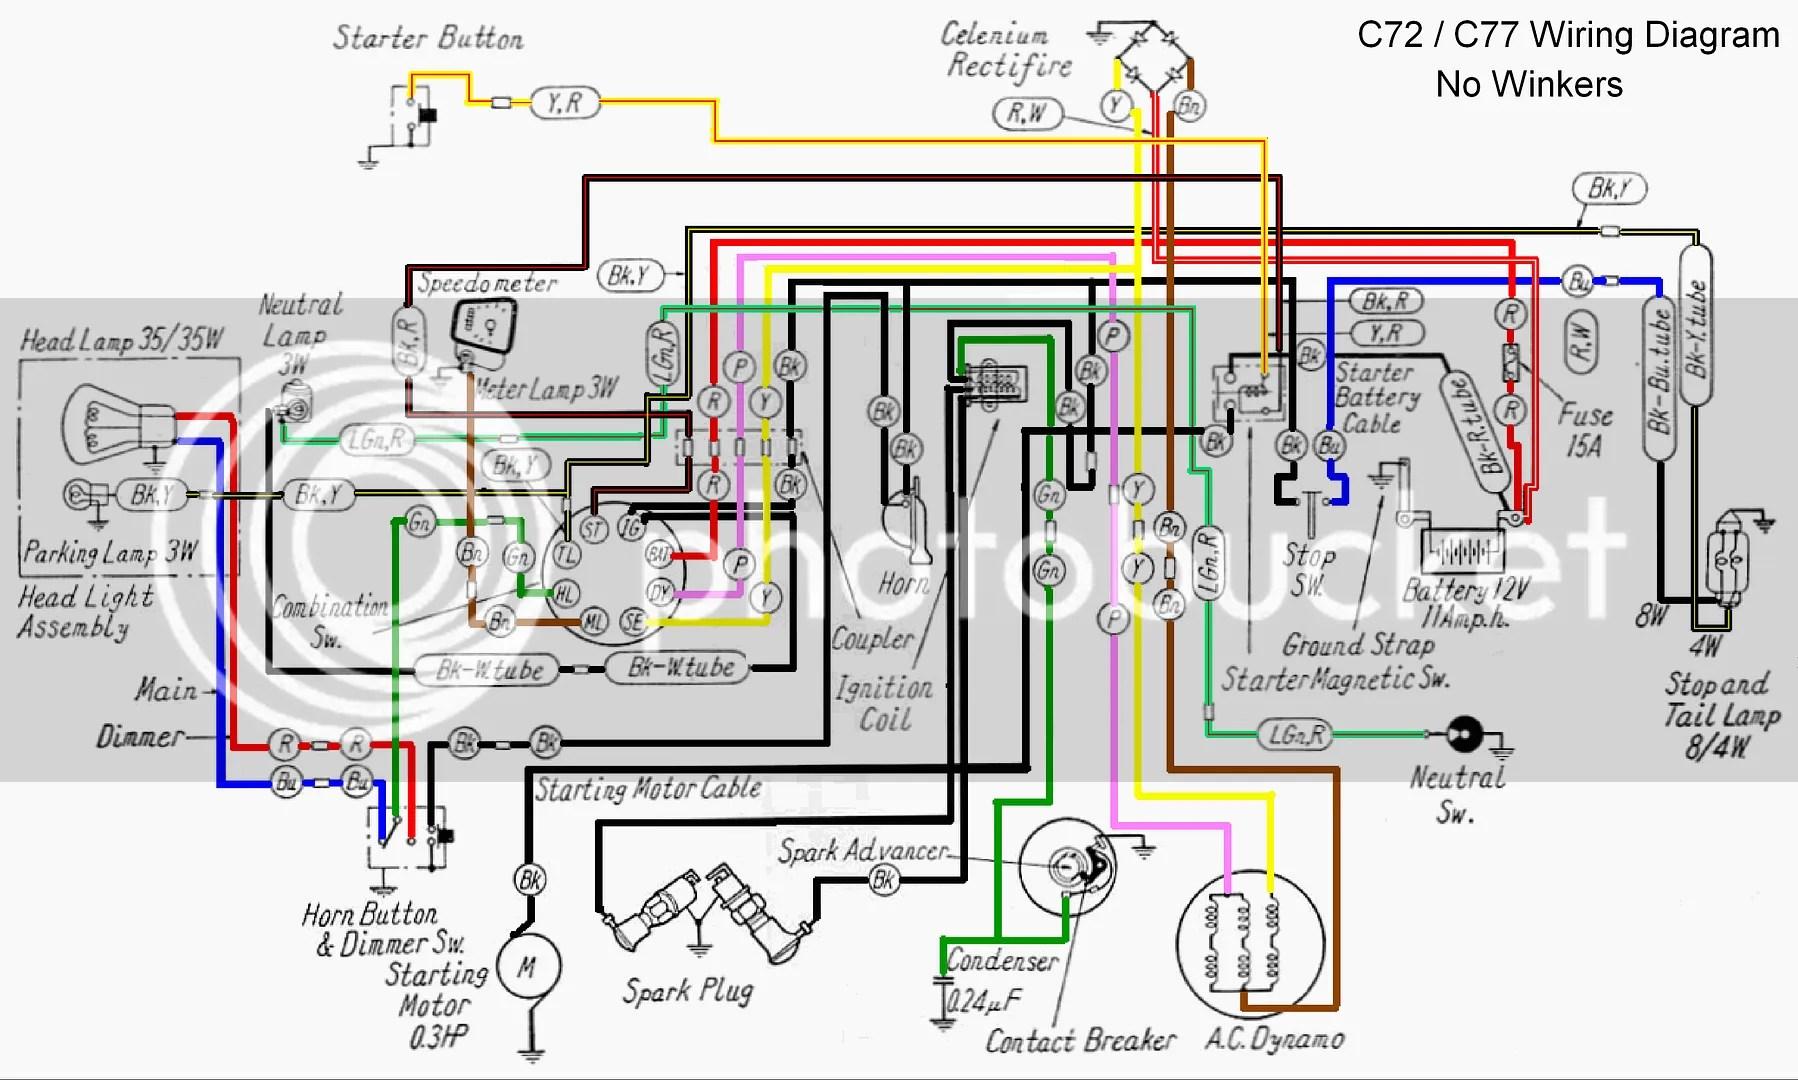 medium resolution of honda cl70 wiring diagram wiring diagram todays honda z50 wiring diagram honda cl70 wiring diagram wiring